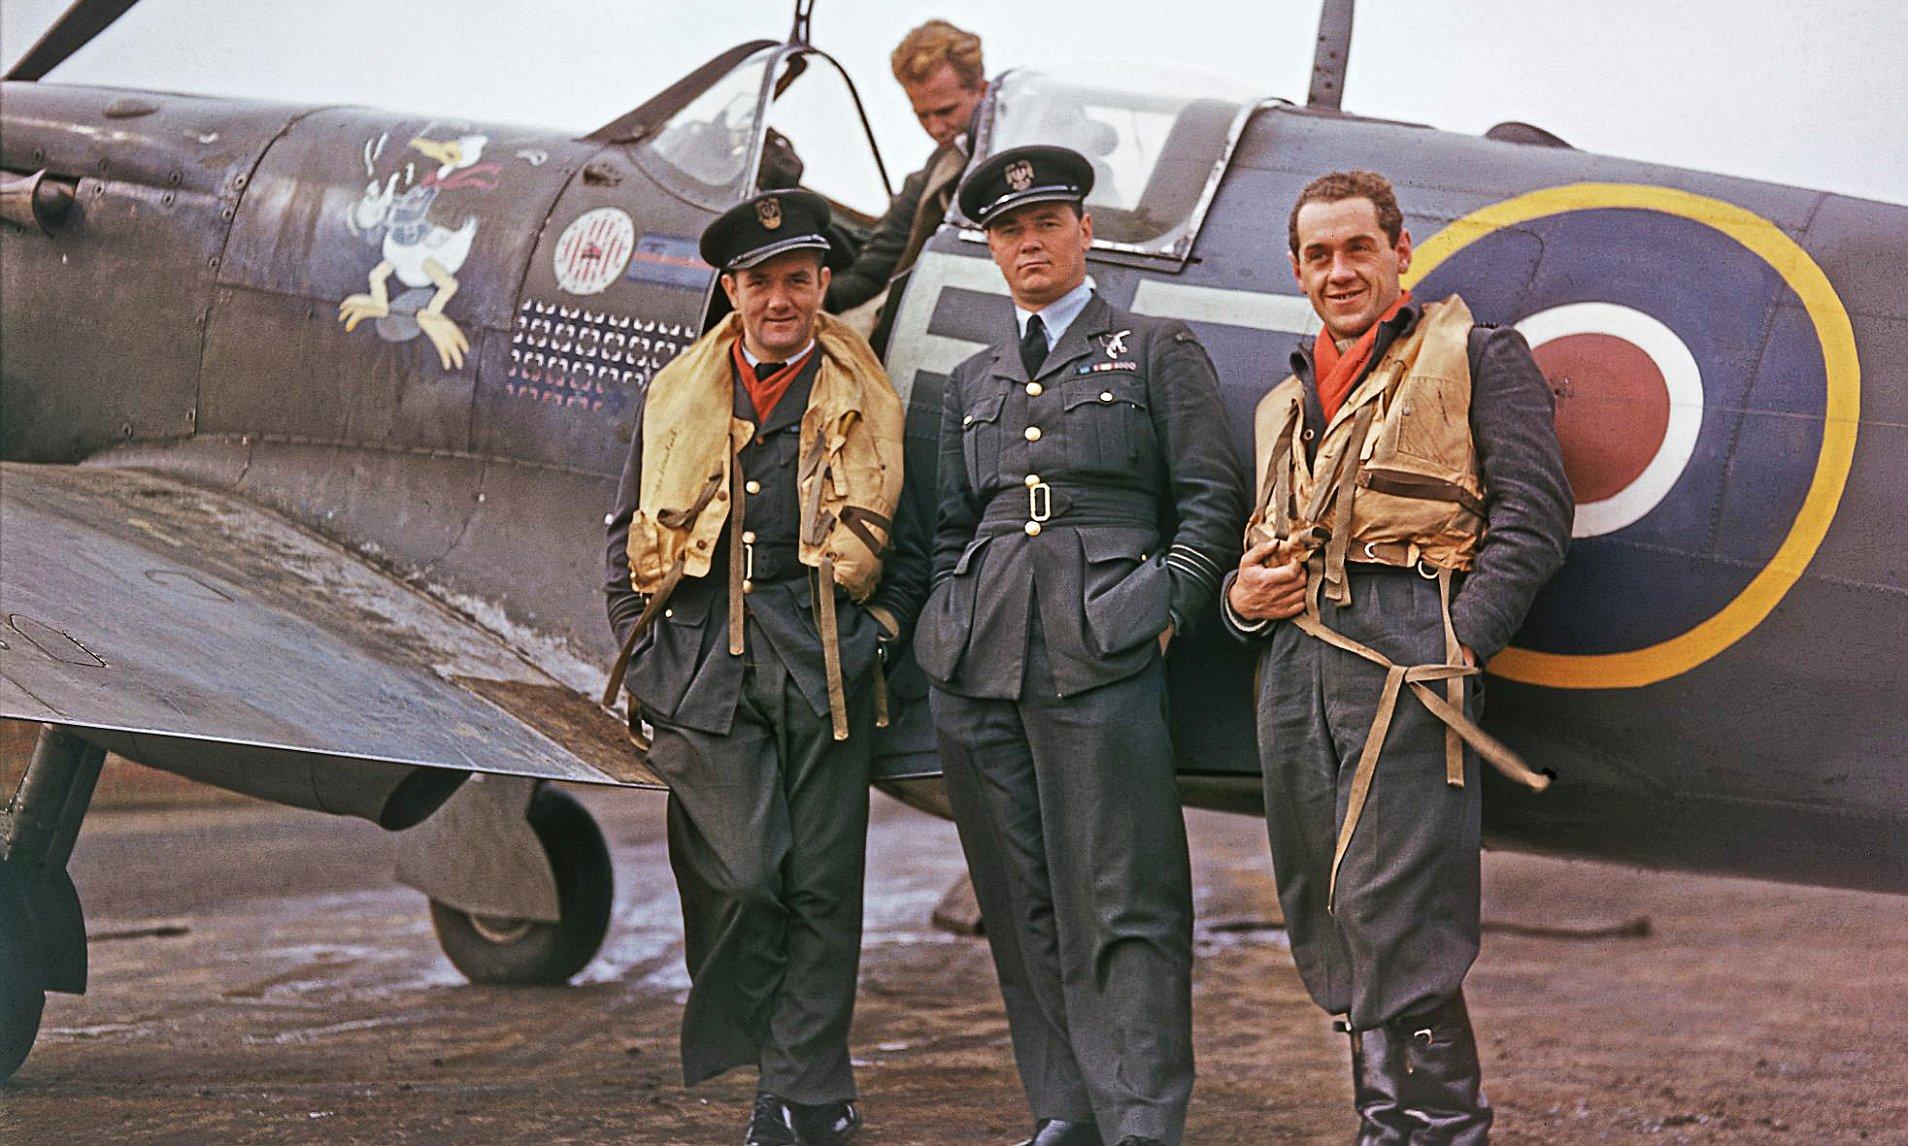 1940s RAF Pilots